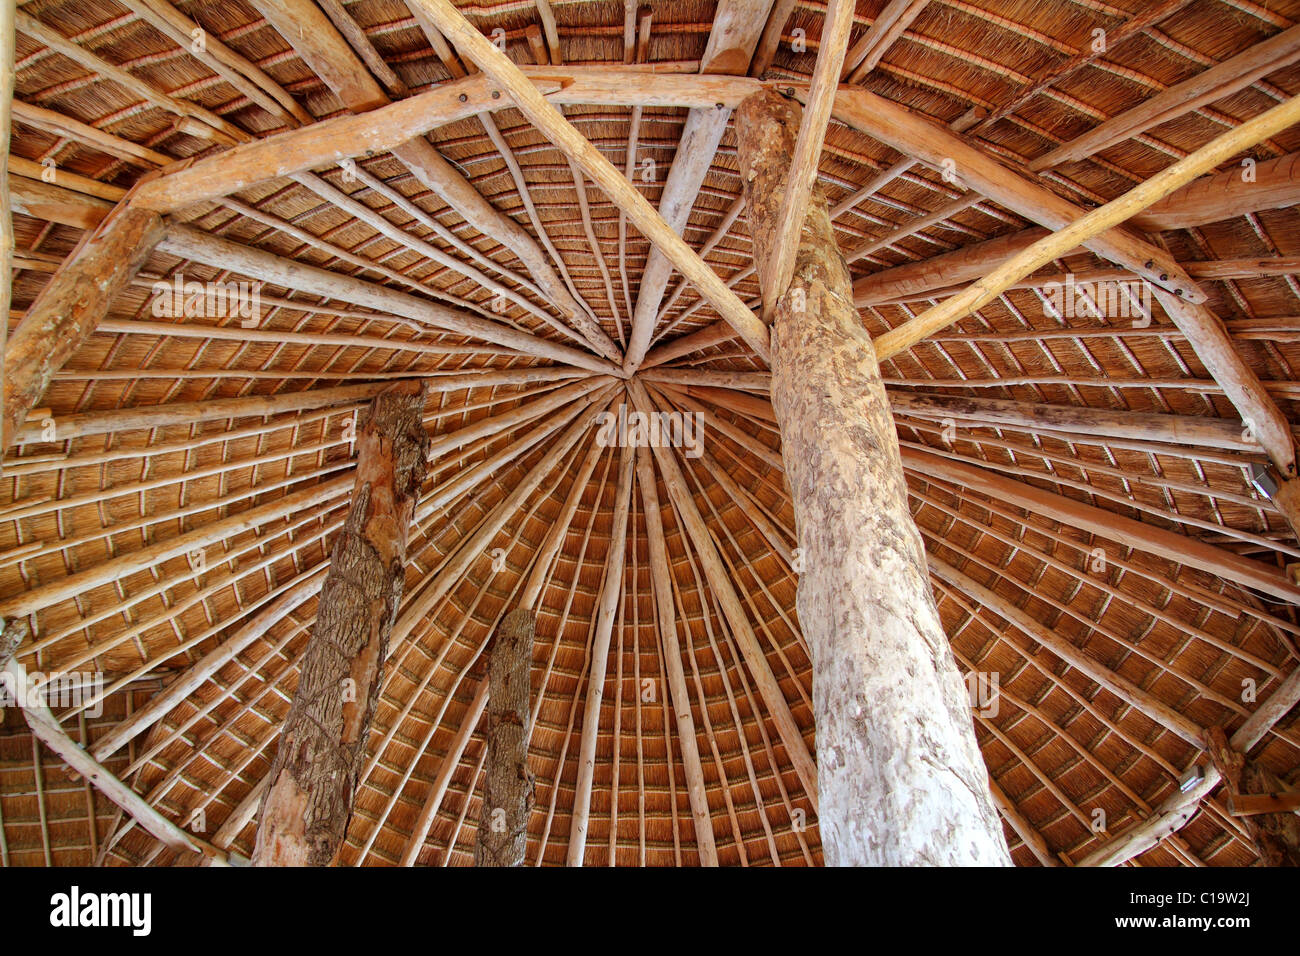 Cabaña cabaña tradicional palapa de techo solar desde arriba wiev arquitectura México Imagen De Stock